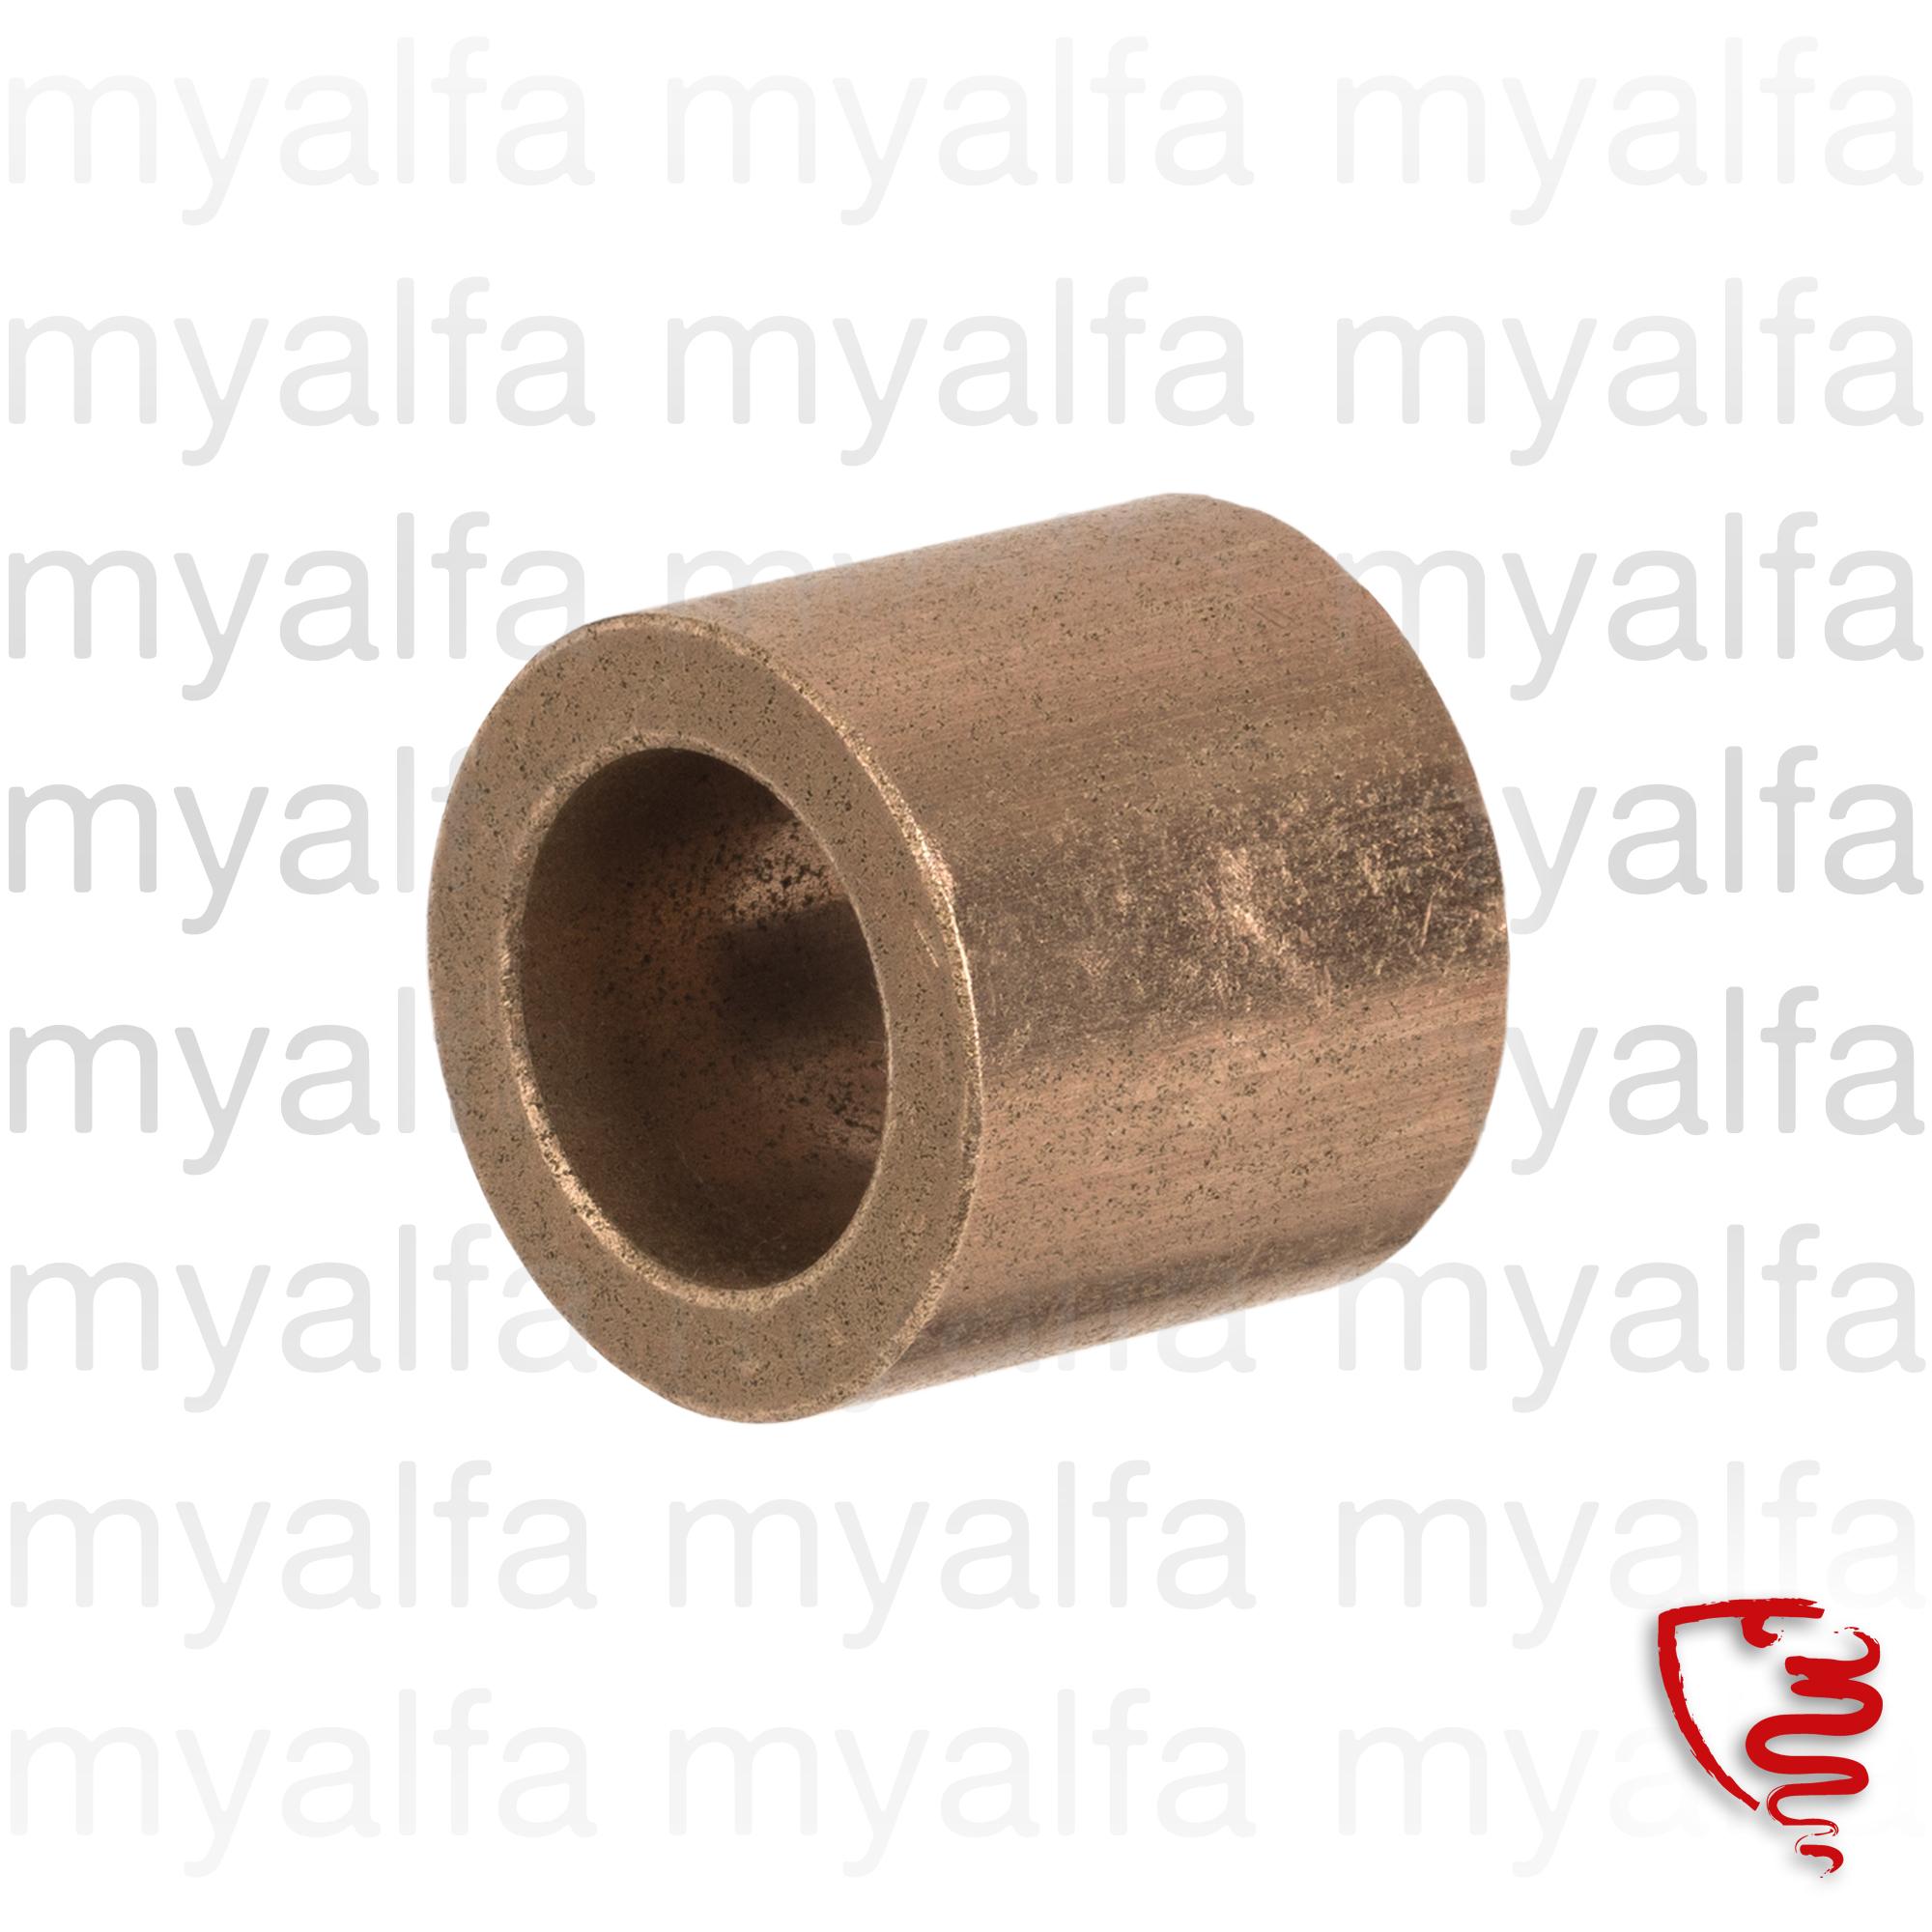 Slide bearing 24mm crankshaft P / 1300/1600 and 2000 for 105/115, Engine, Engine Block, Crankshaft/Bearing